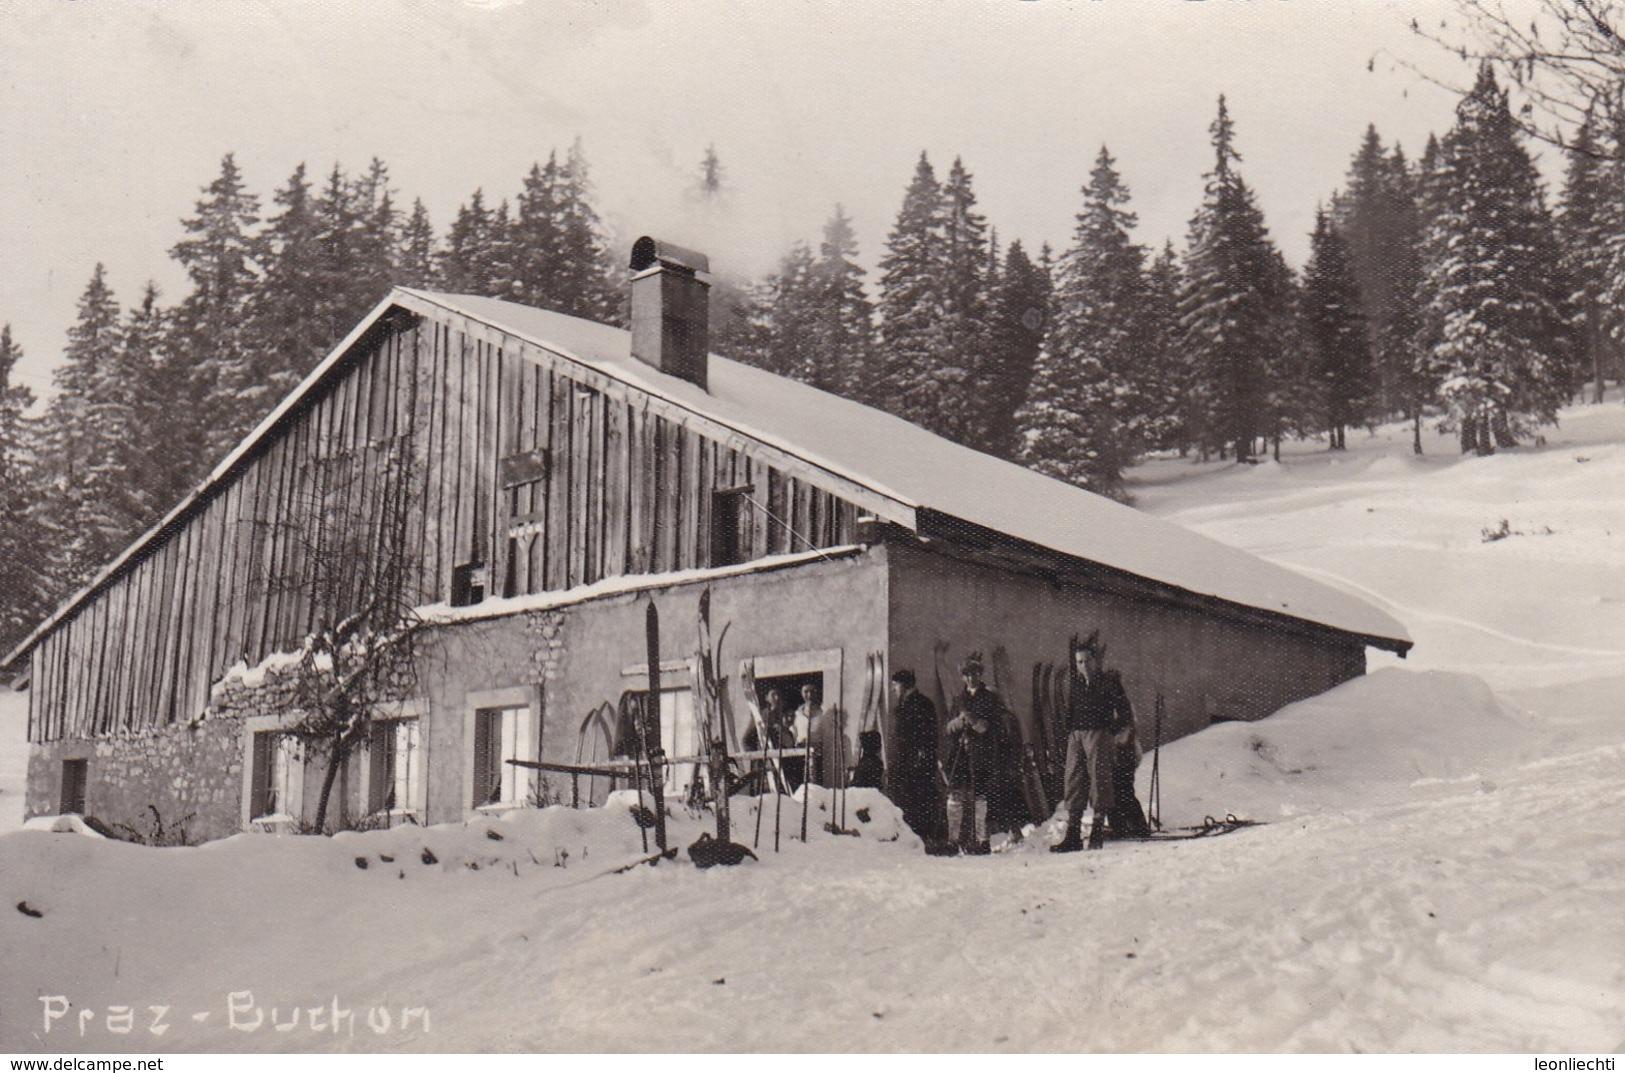 Praz - Buchon, Skihütte, Mi: 204x - VD Vaud